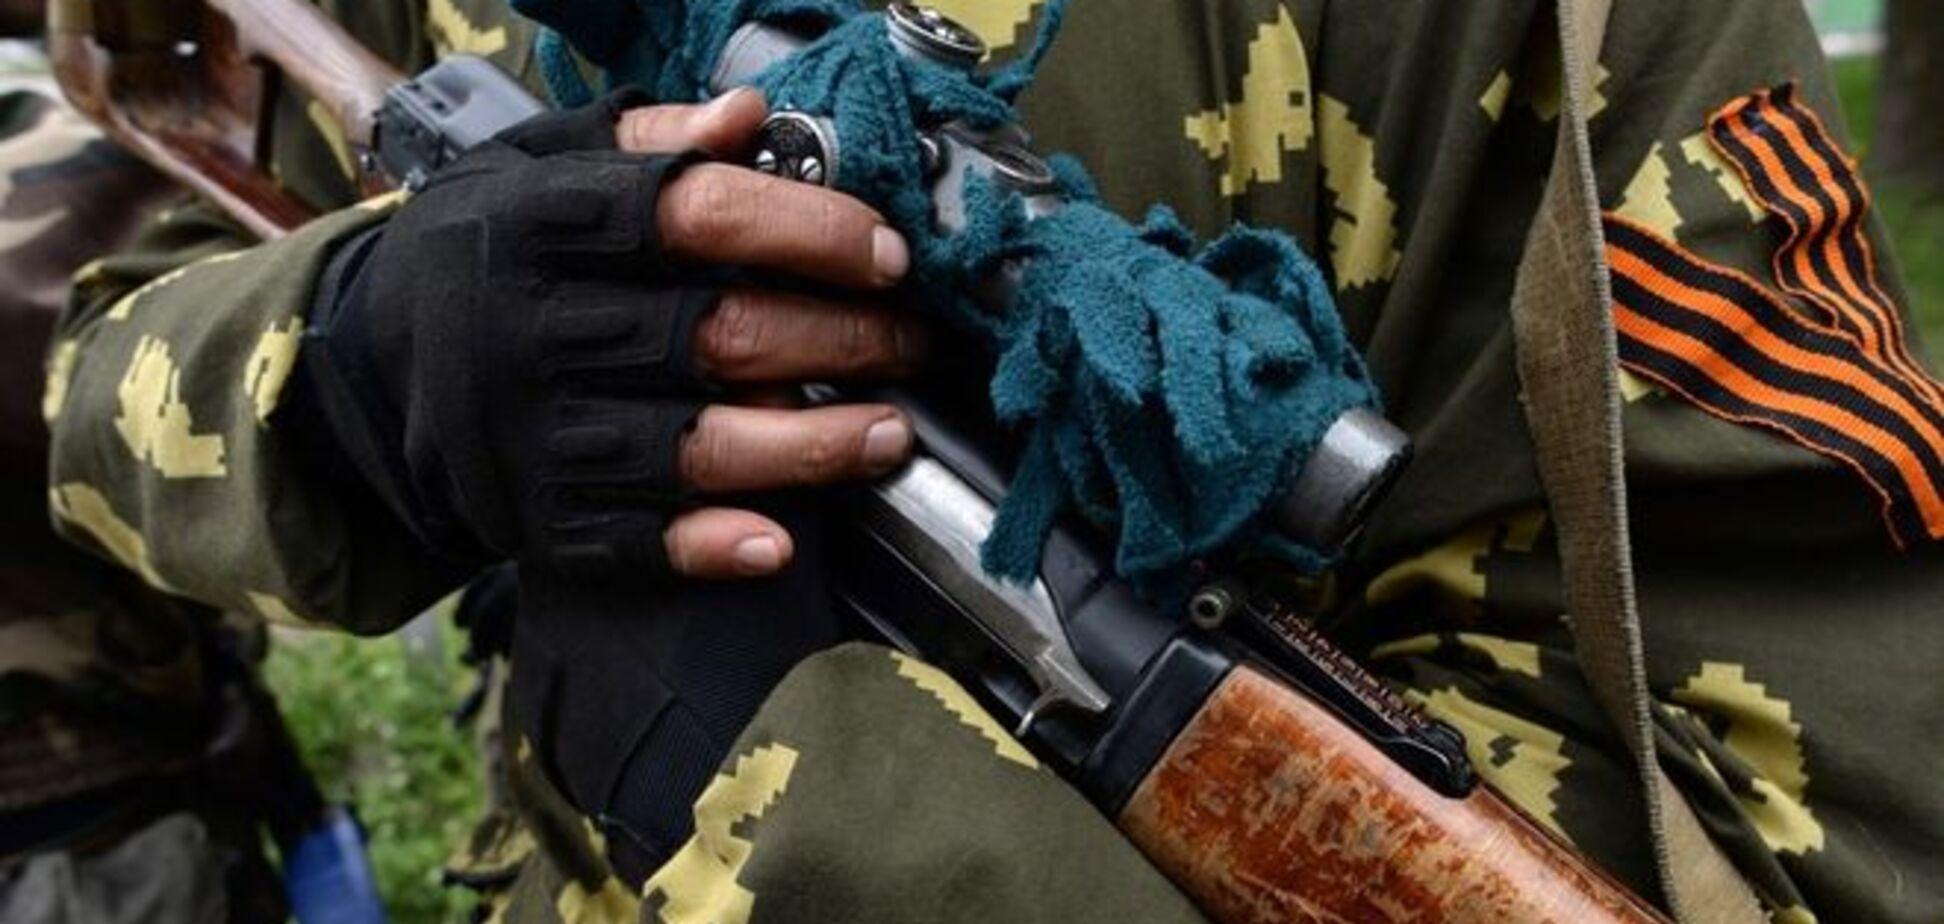 Російський найманець 'ДНР': наших на сотню 'ополченців' - сімдесят, а то й вісімдесят